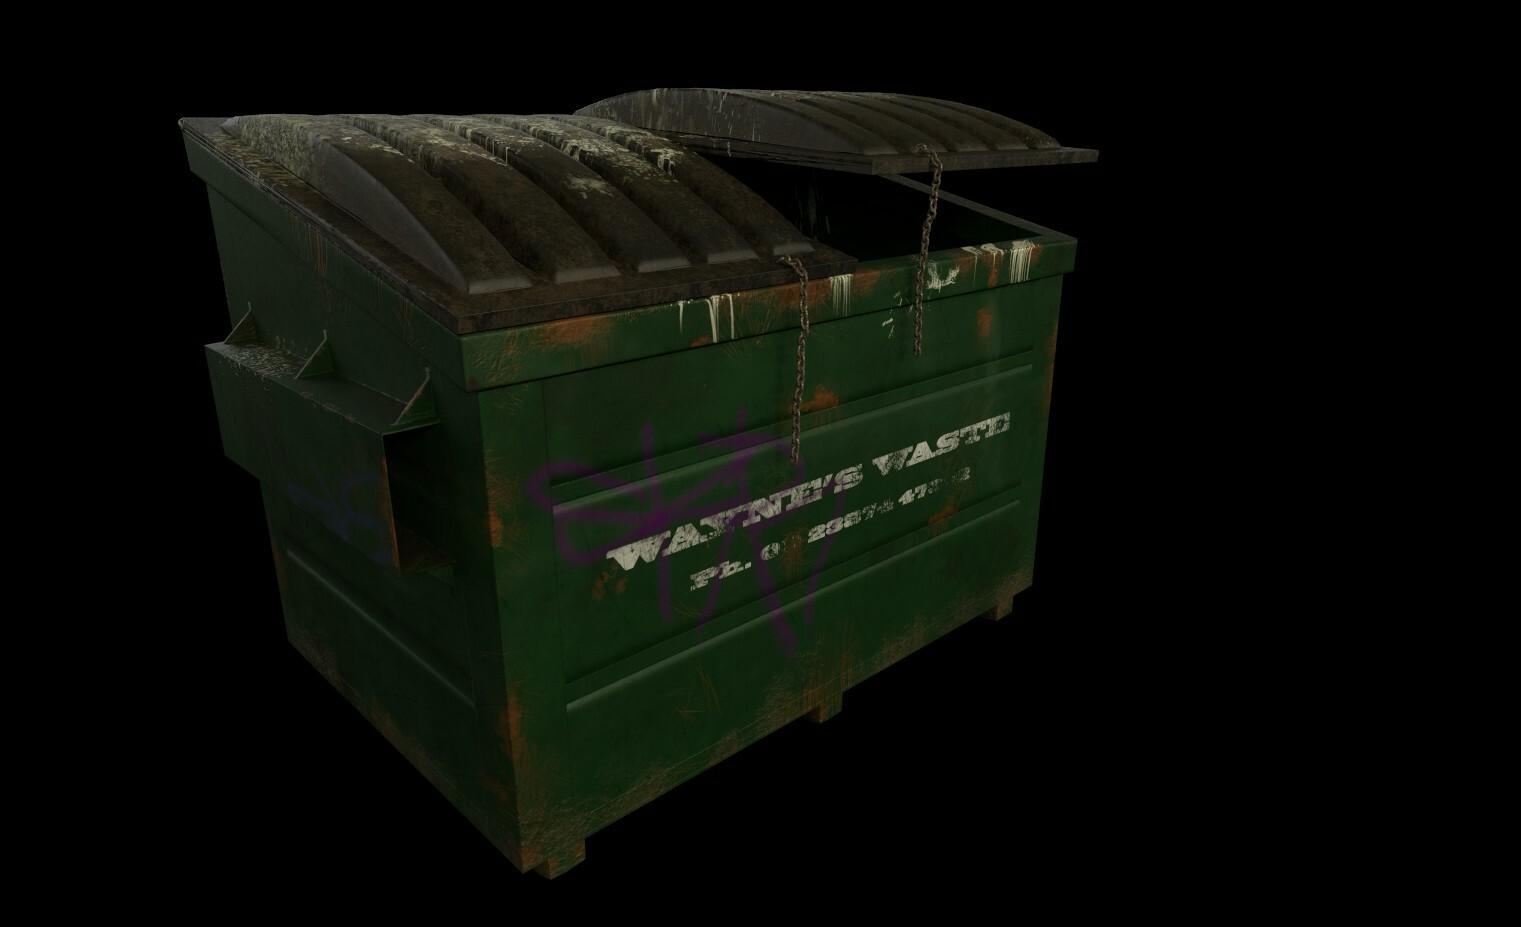 Dumpster Environment Model